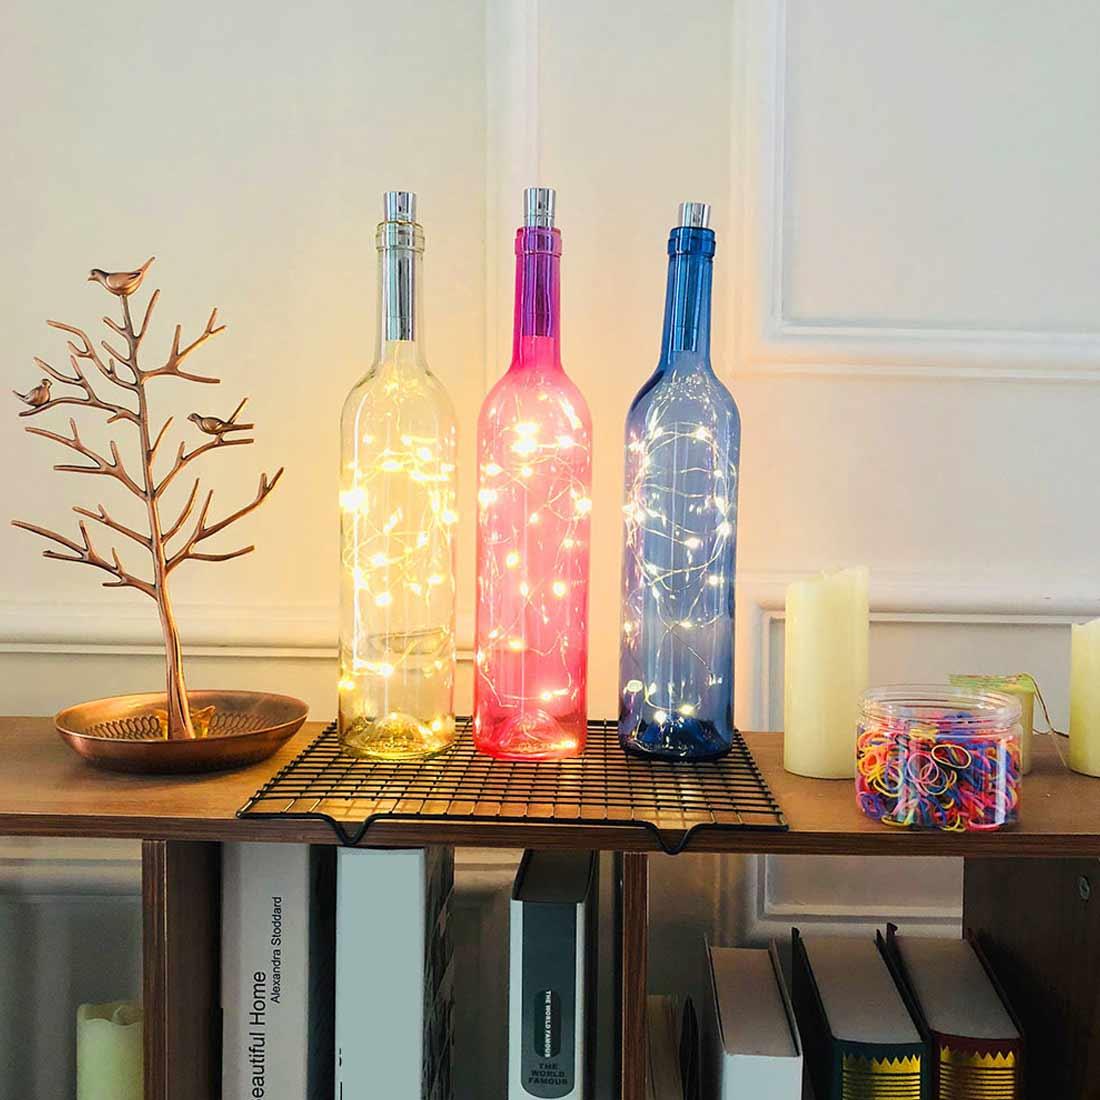 Batería LED en forma de corcho 1m/1,5 m/2 m Power guirnalda de luces de hadas botella cadena luces adornos navideños para el hogar al aire libre